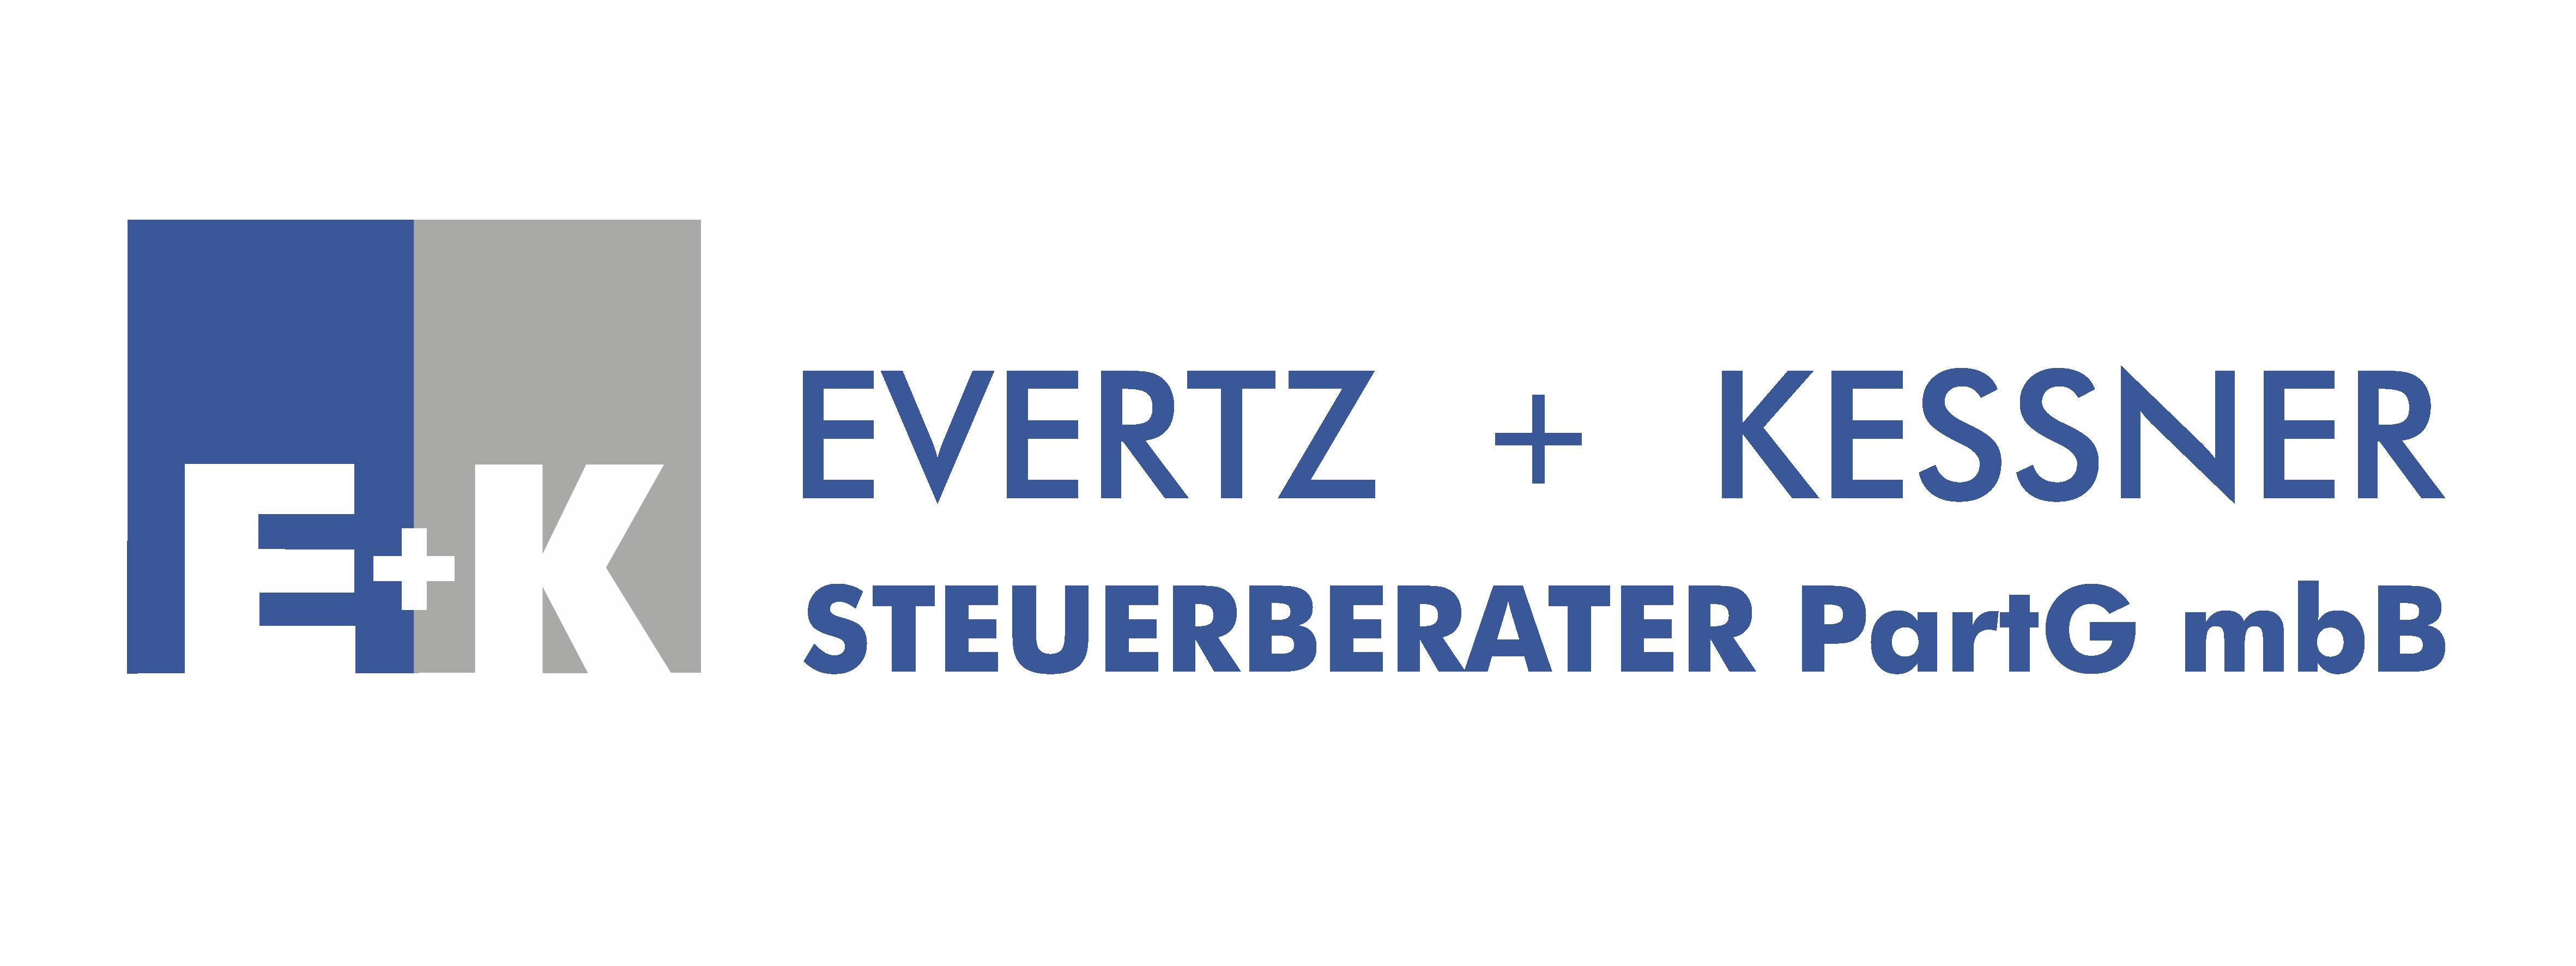 Evertz + Kessner